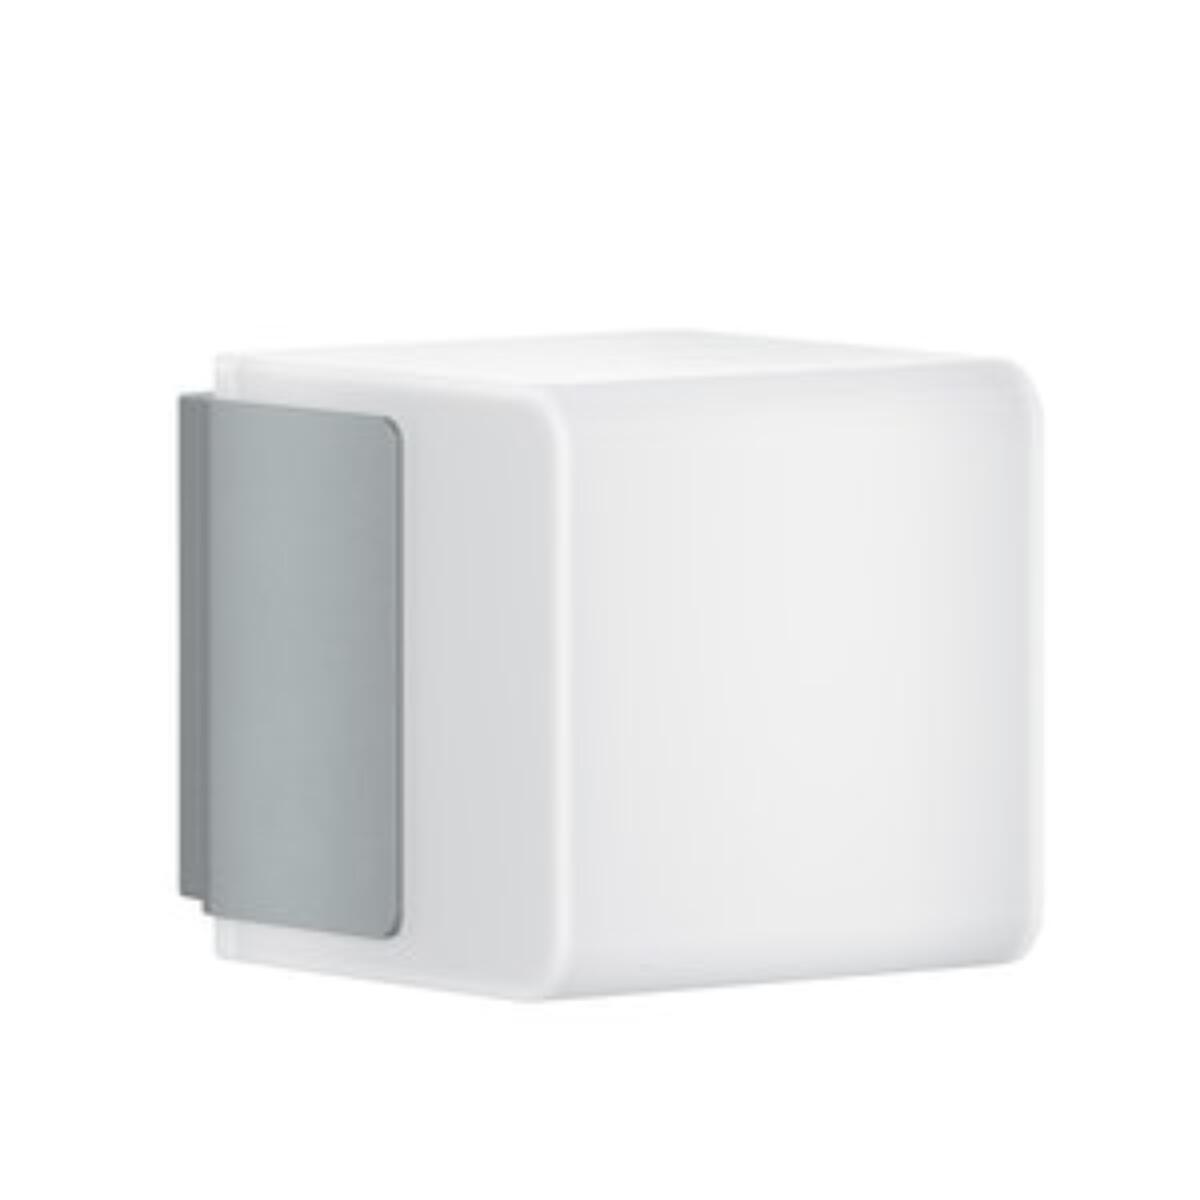 Applique L 835 LED integrato con sensore di movimento, grigio, 9.5W 586LM IP44 STEINEL - 1